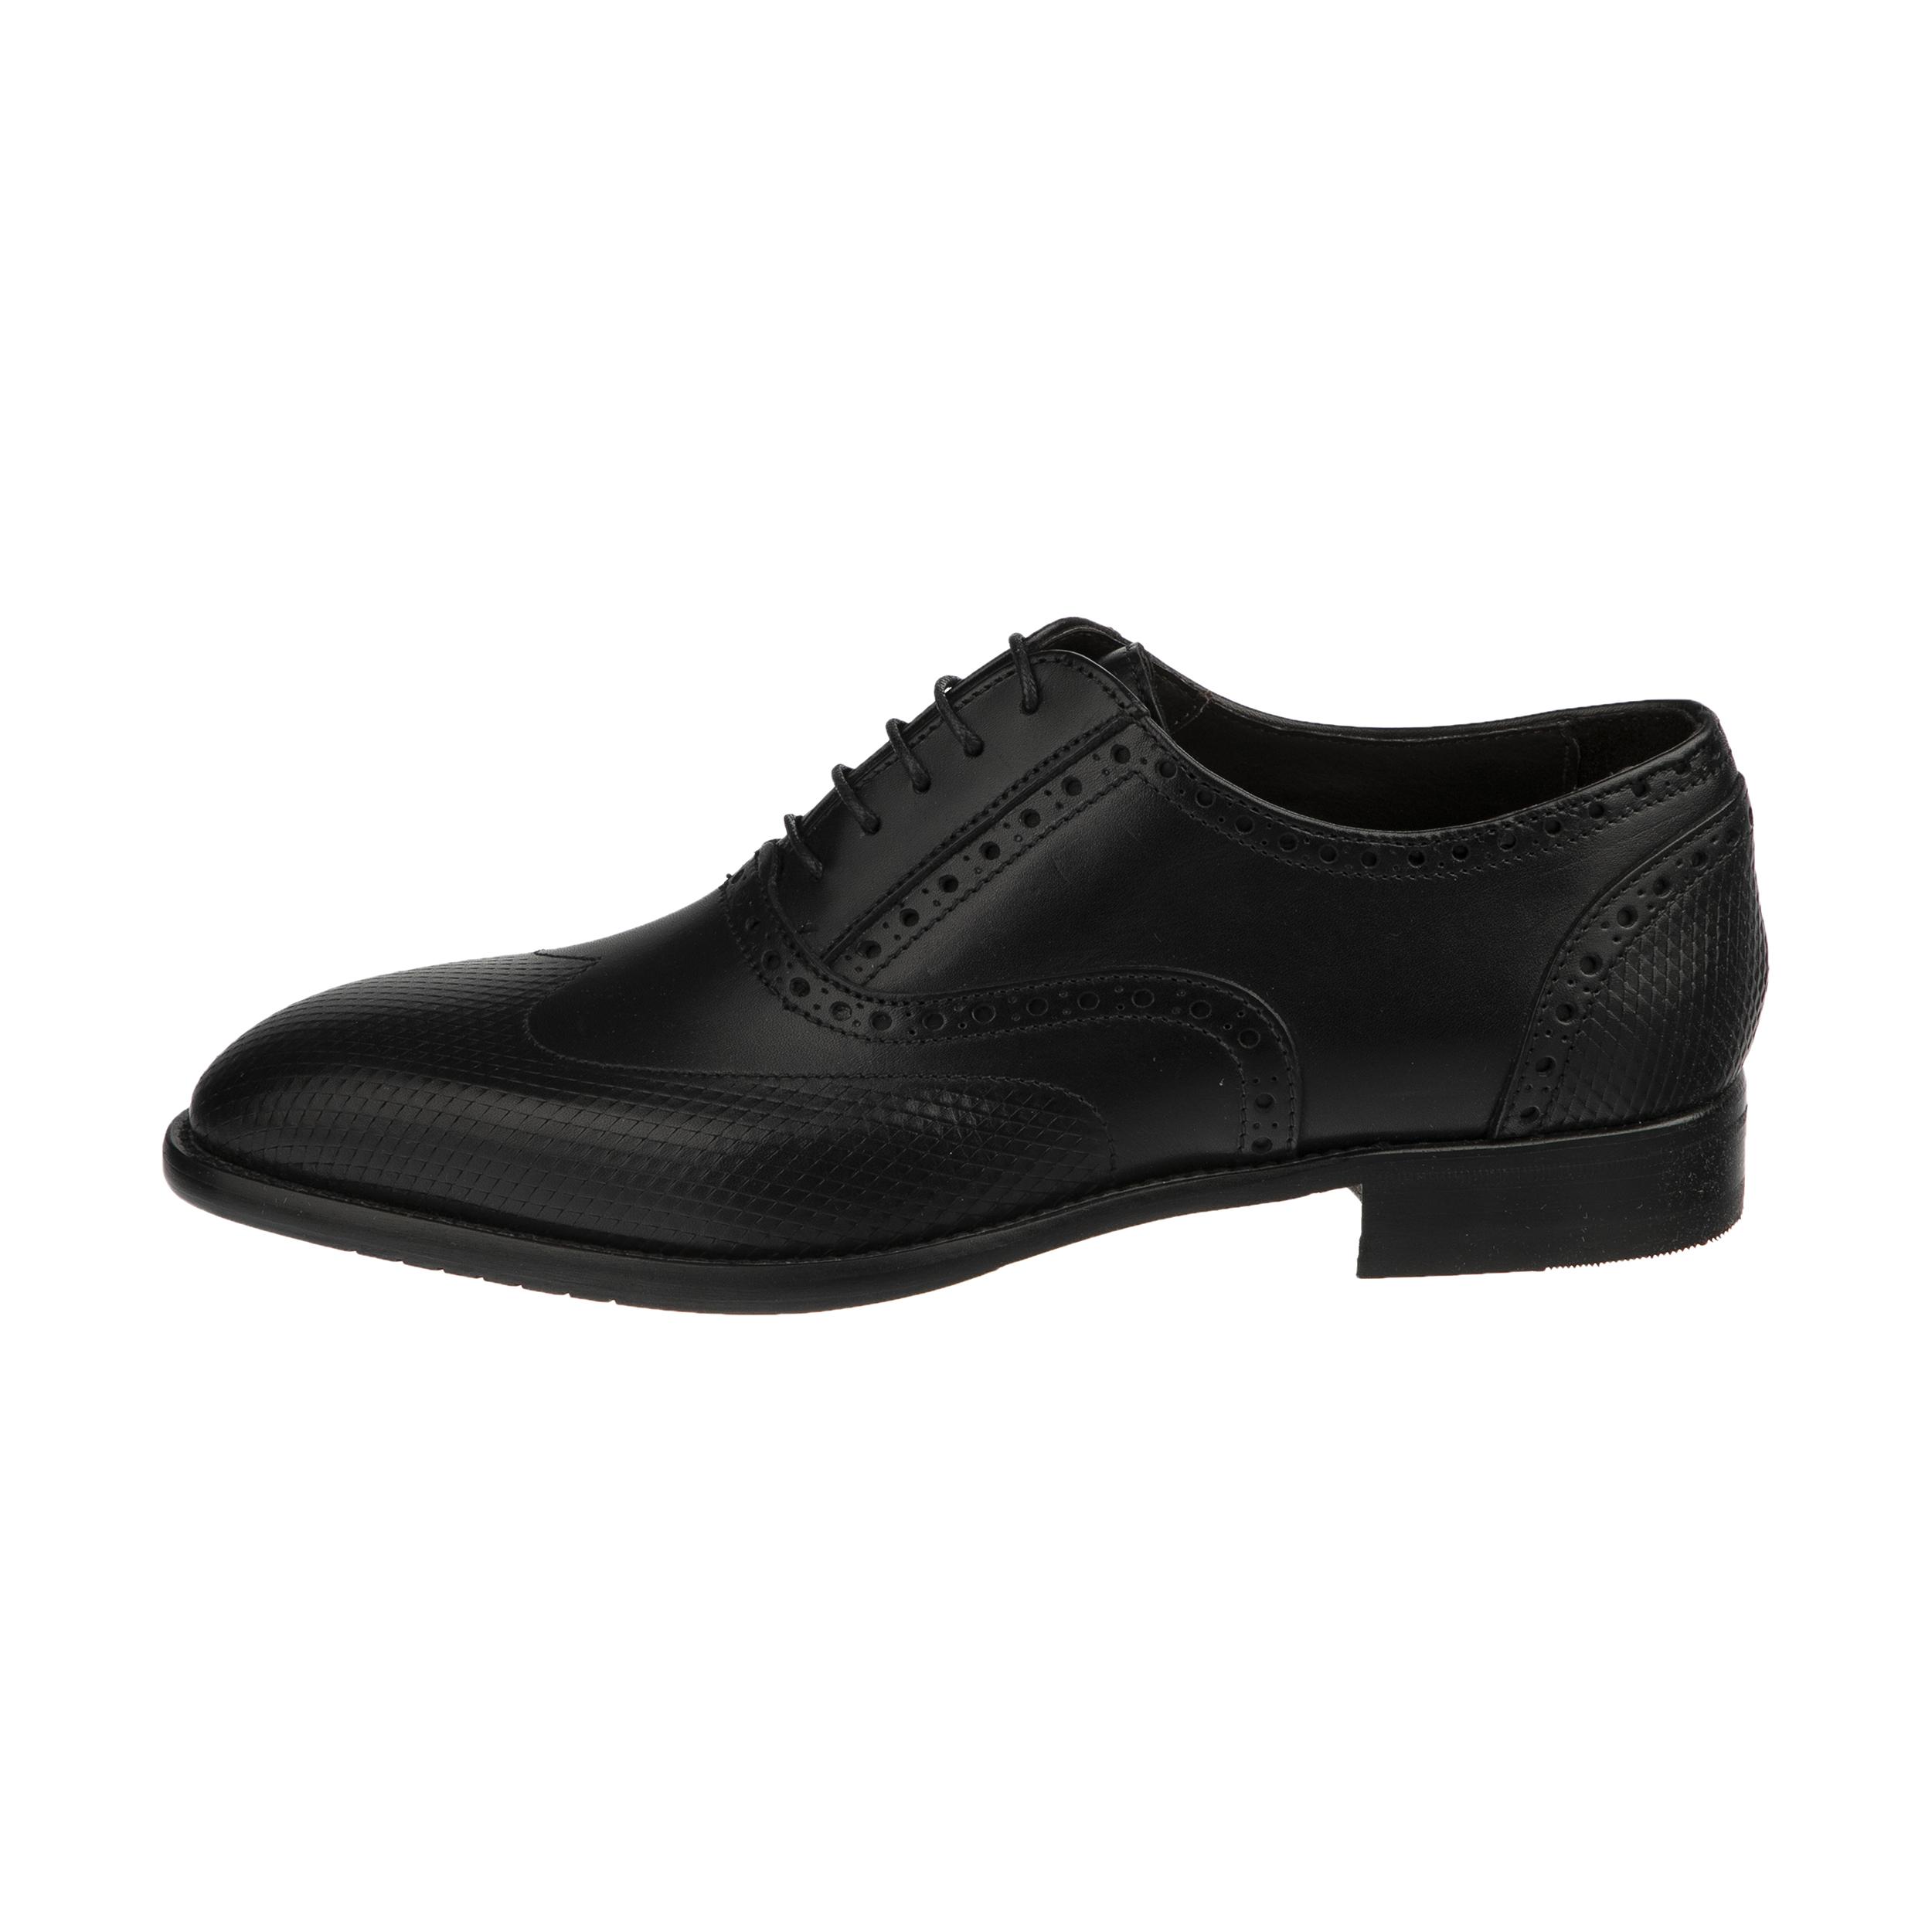 کفش مردانه جاس مدل 110-Vitello TM Stampa